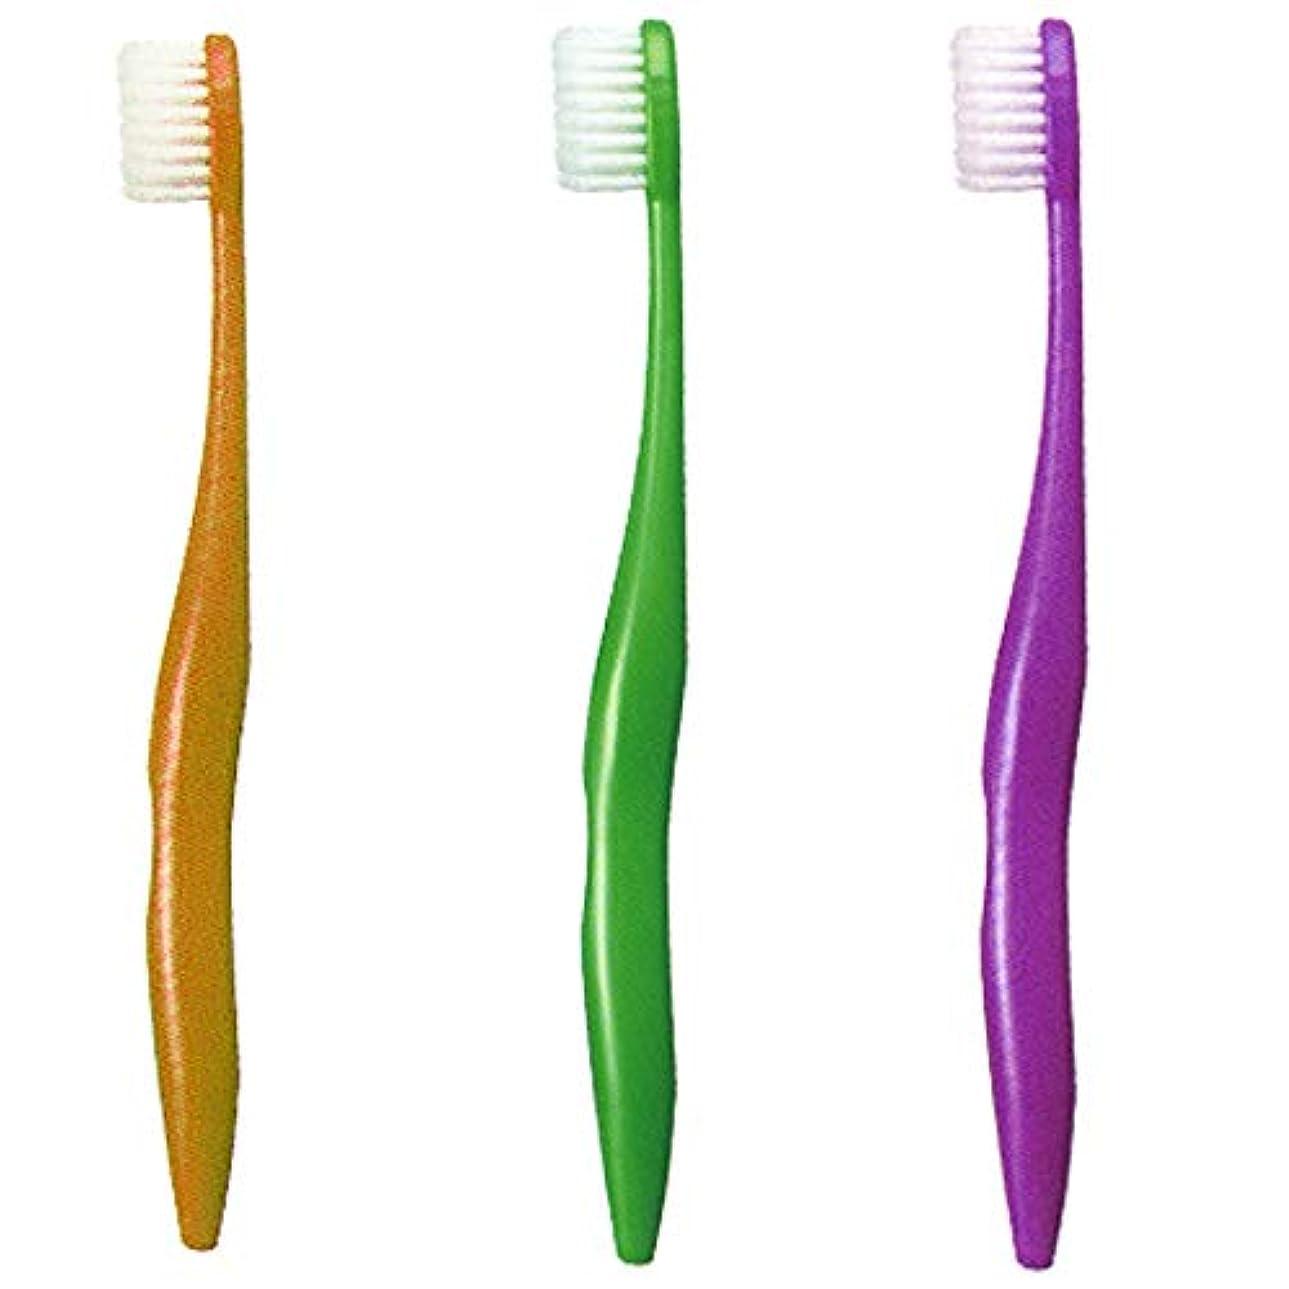 丈夫記憶拮抗する日本製 歯ブラシ ライカブル ミニ 12本【ライカブル】